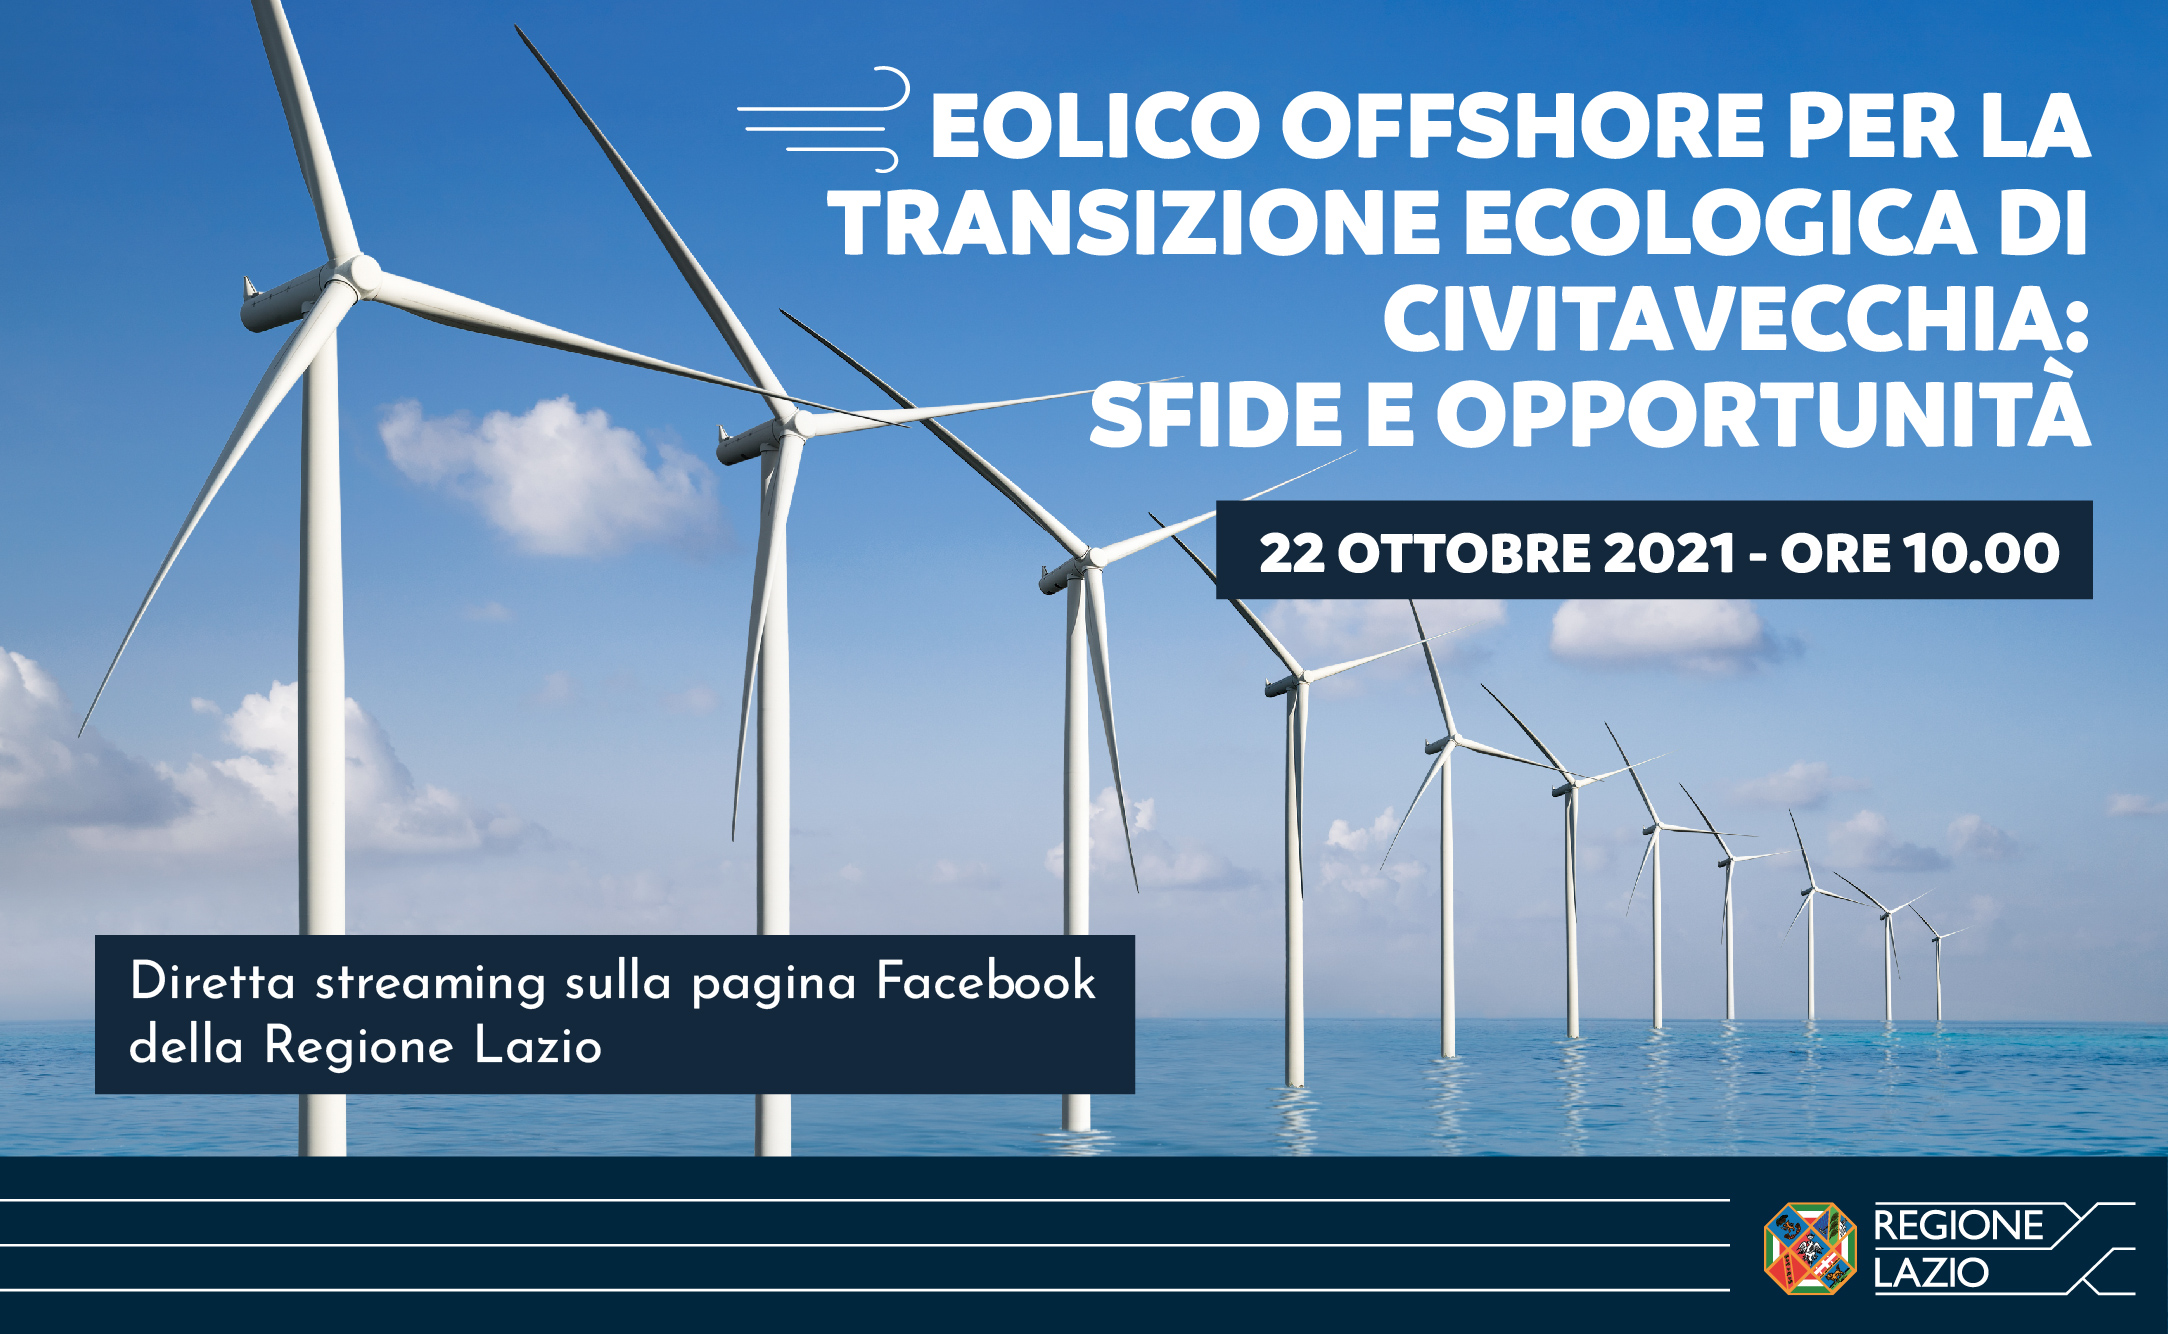 22 Ottobre 2021, Autorità di Sistema Portuale del Mar Tirreno Centro Settentrionale - Porto di Civitavecchia, Molo Vespucci -